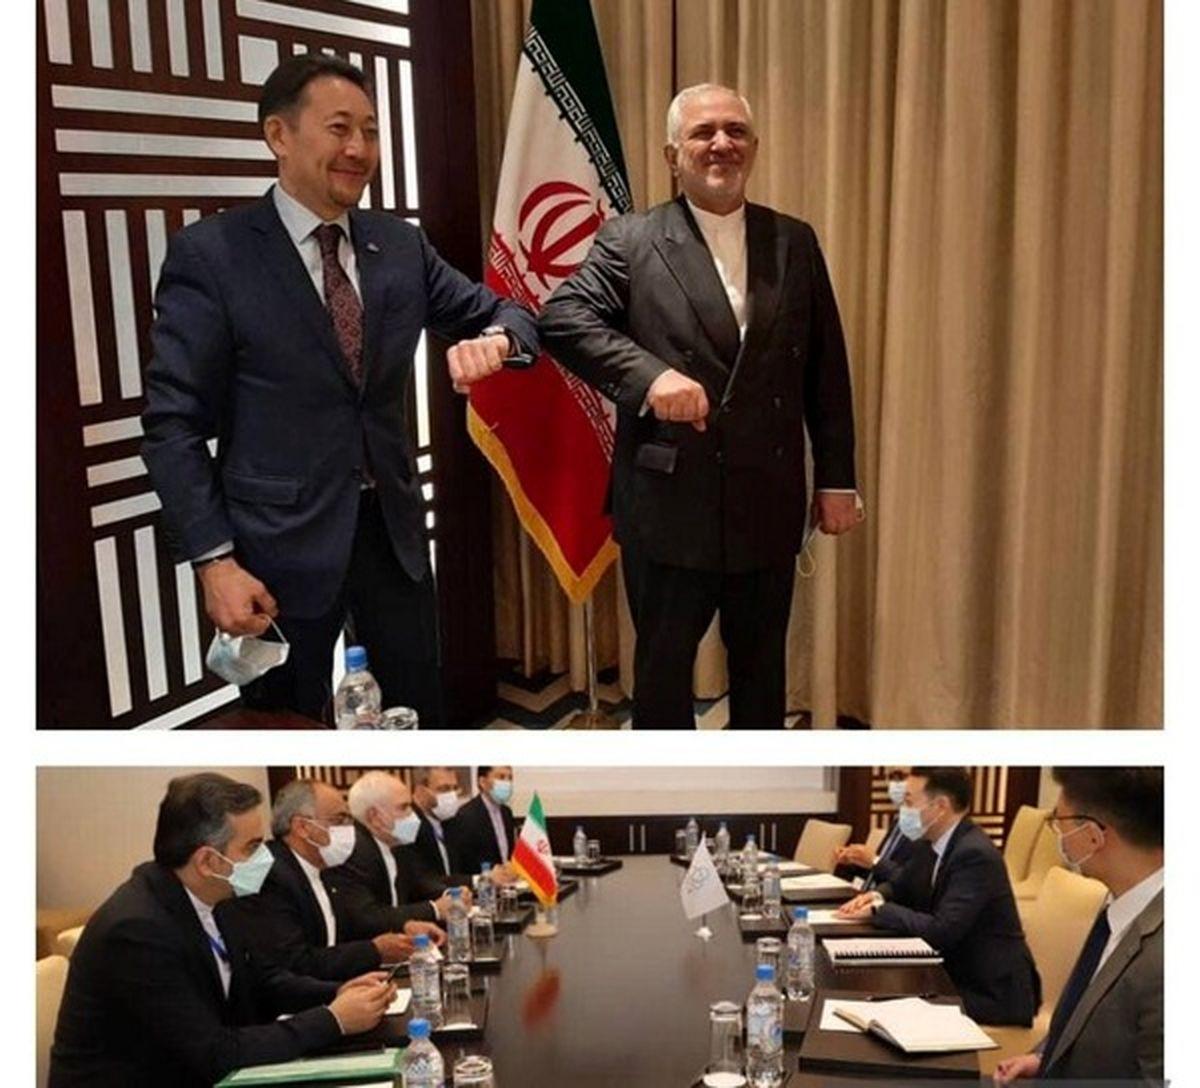 دیدار ظریف با دبیر اجرایی سیکا +عکس